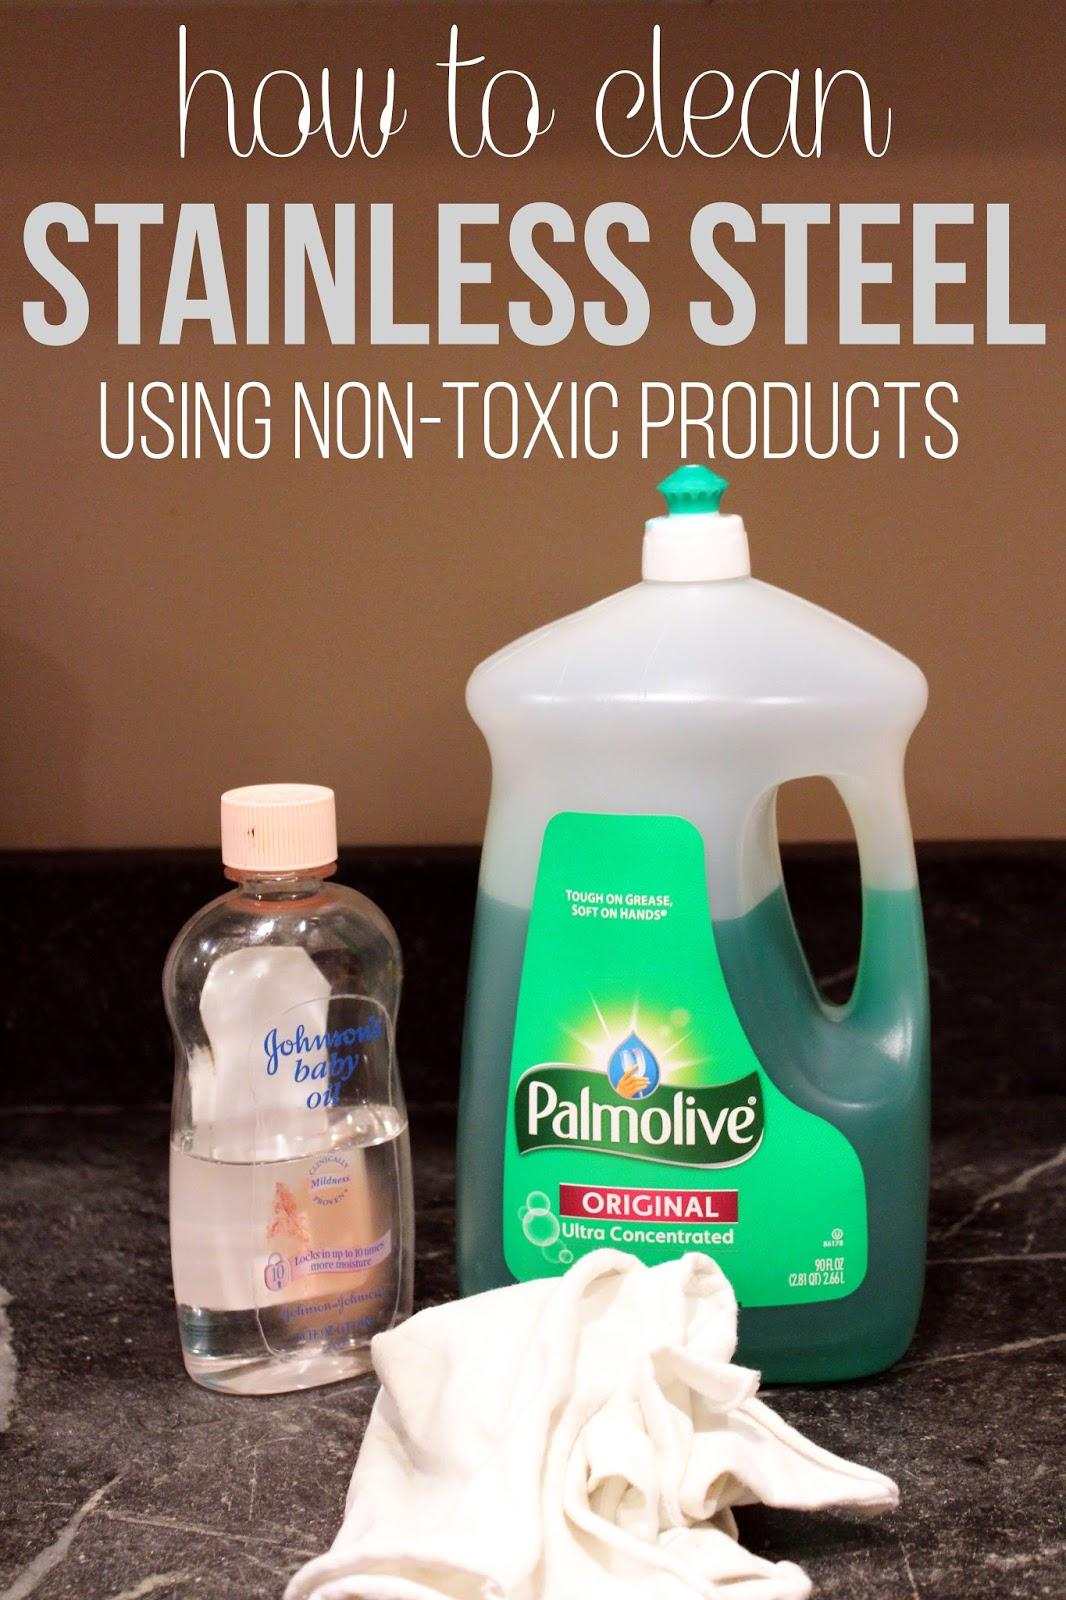 How To Clean Stainless Steel Fridge Door Steel Doorse How To Clean  Stainless Steel Fridge Door